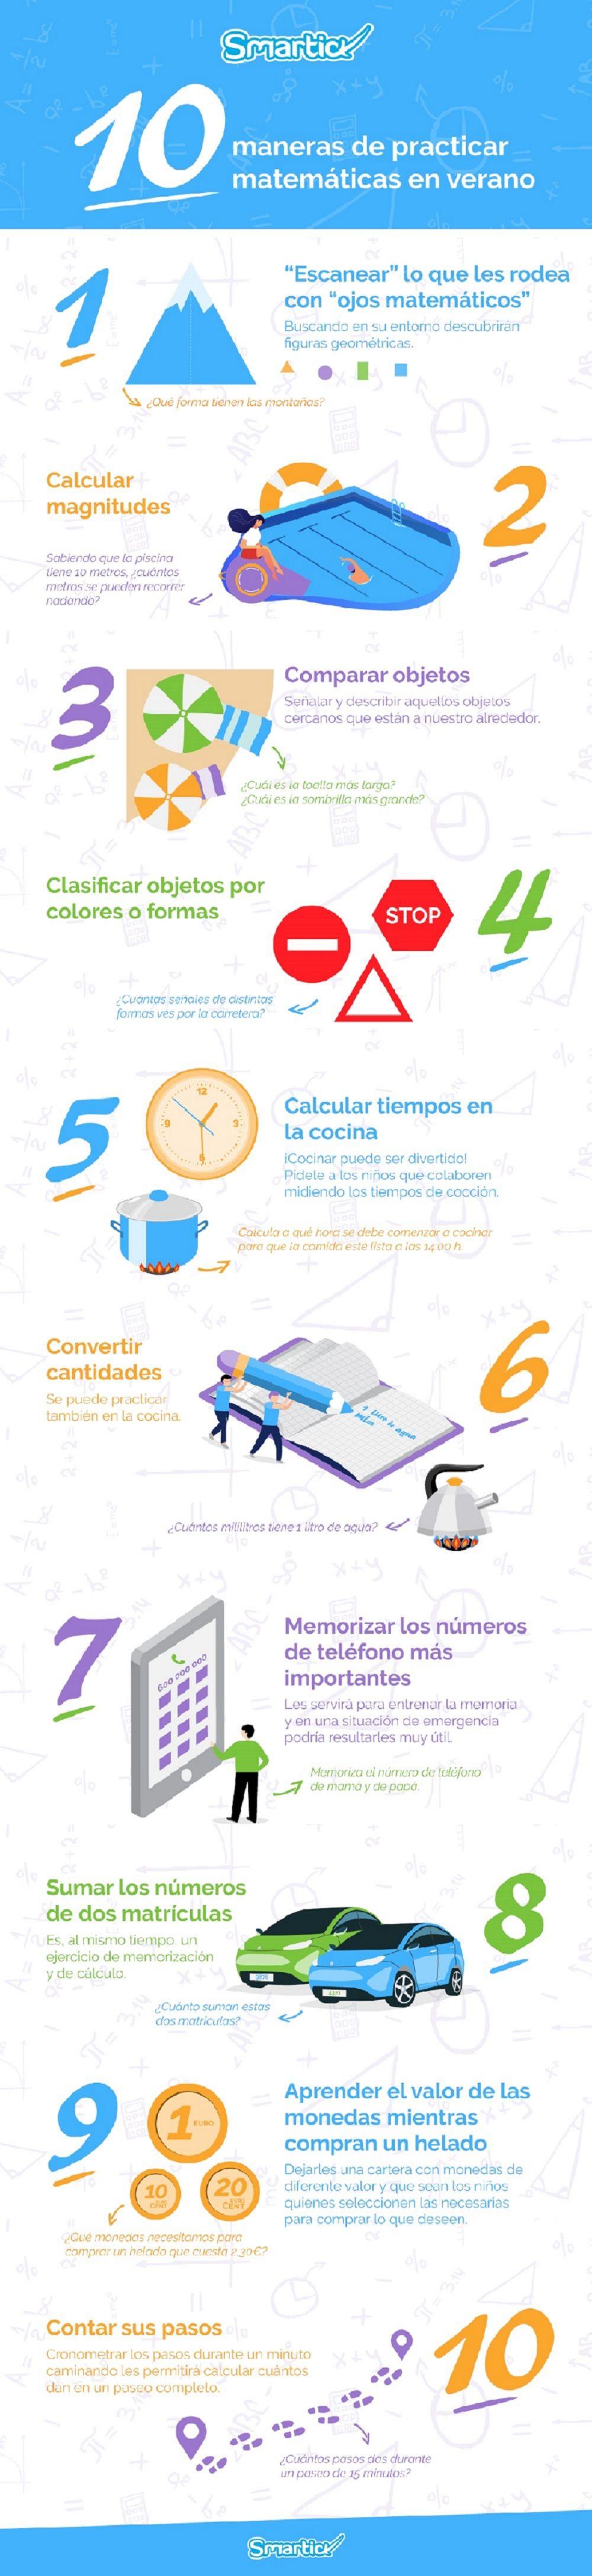 alt - https://static.comunicae.com/photos/notas/1216392/1594723656_Infograf_a_Smartick_Practicar_matem_ticas_en_verano.jpg